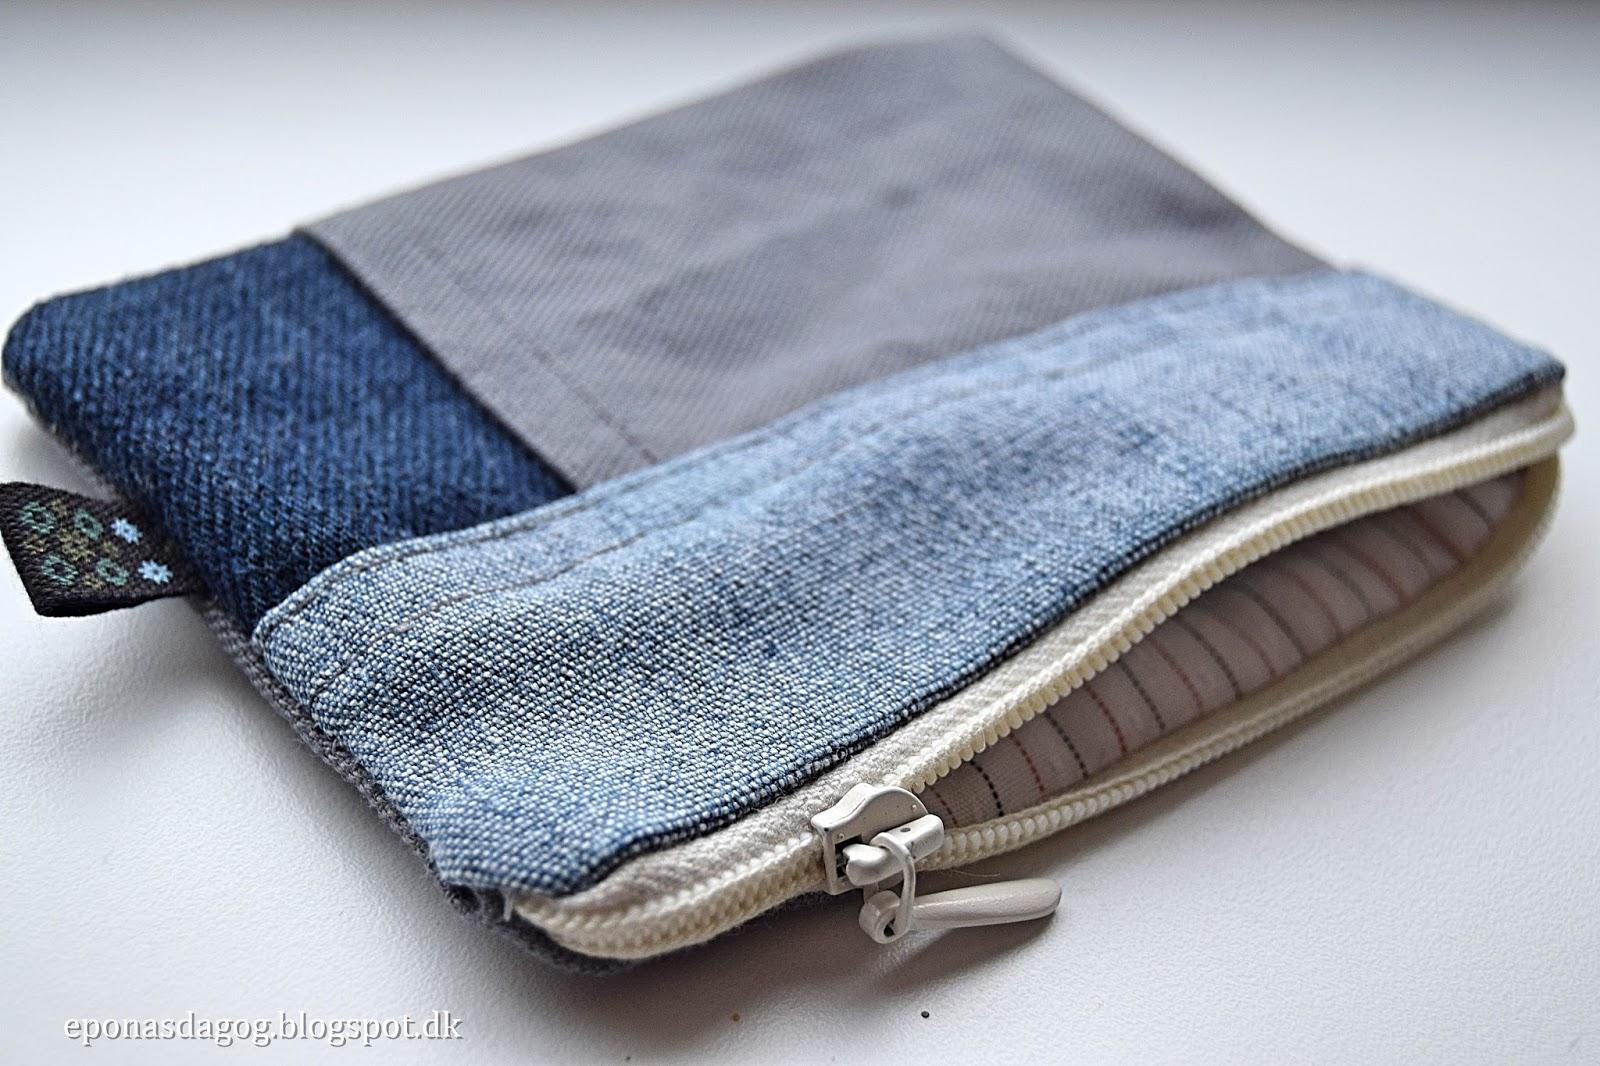 Guide: Sådan syes lynlås og foer i en pung eller lille taske